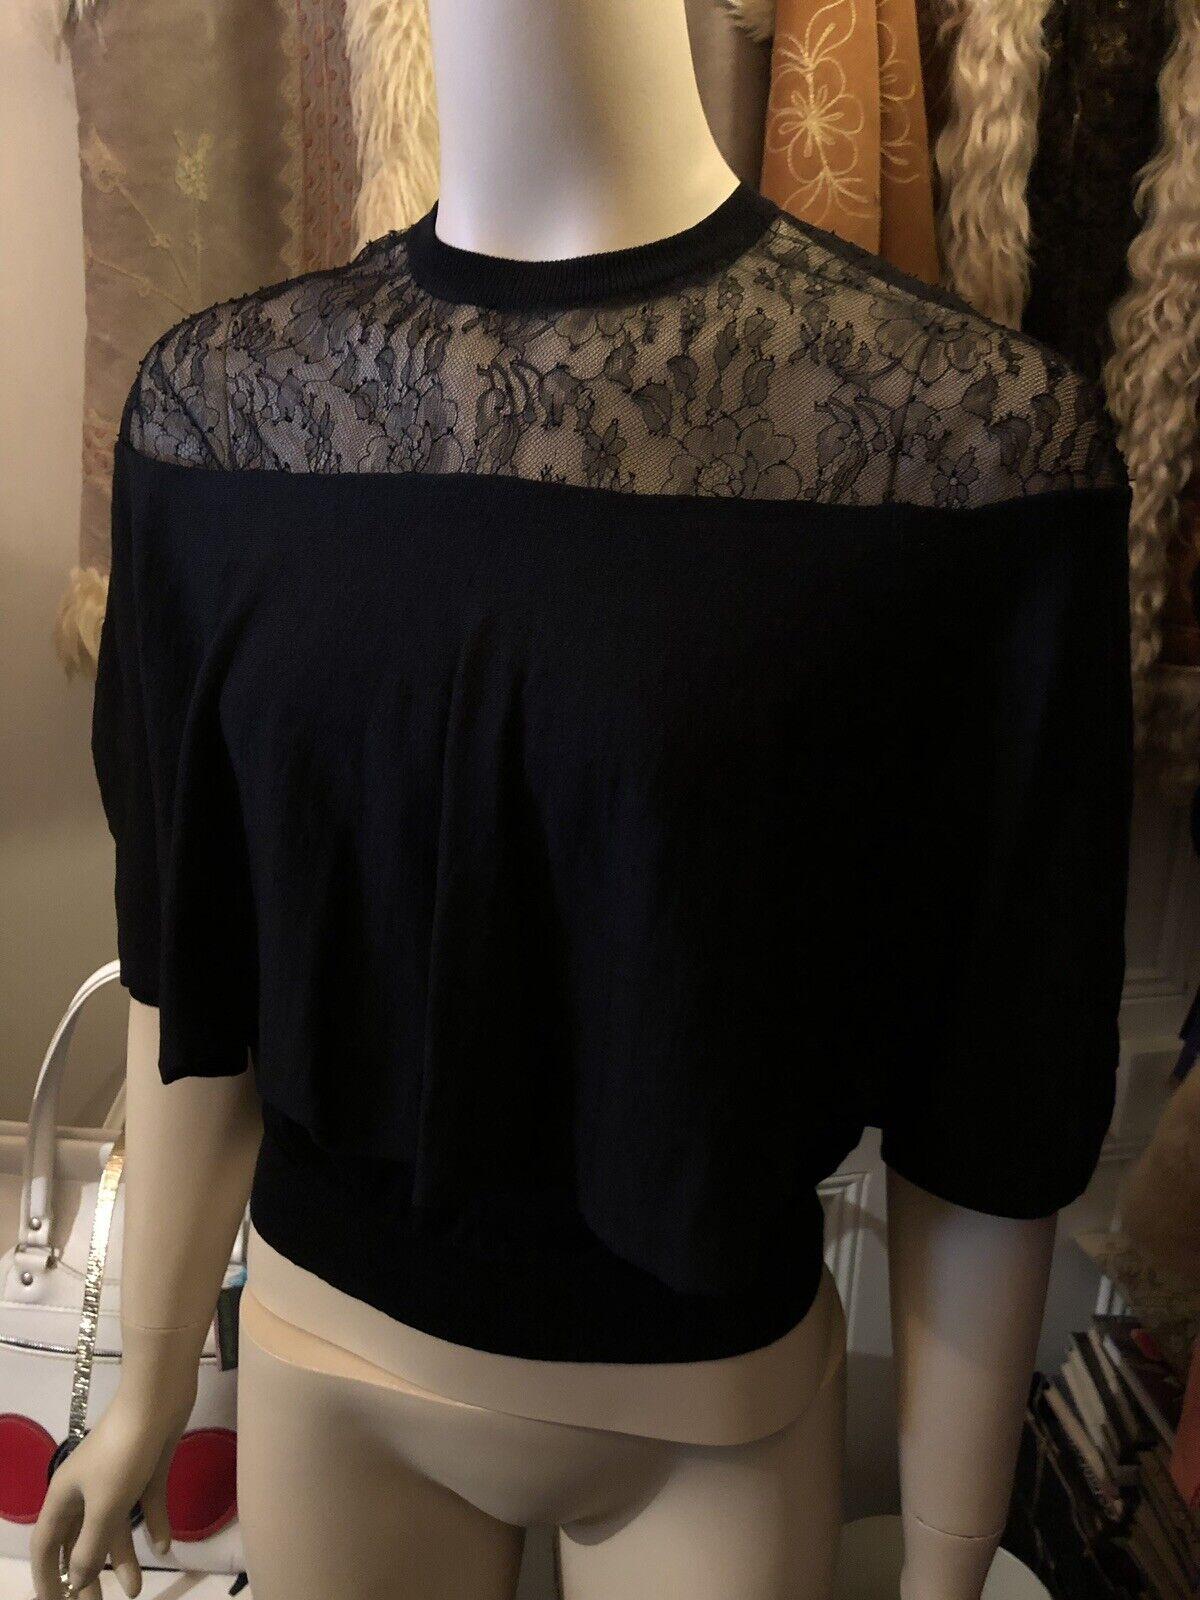 BNWT Valentino  SpA Jersey De Punto Lana & Lace Knitwear Cape Hecho En Italia Talla S  en promociones de estadios